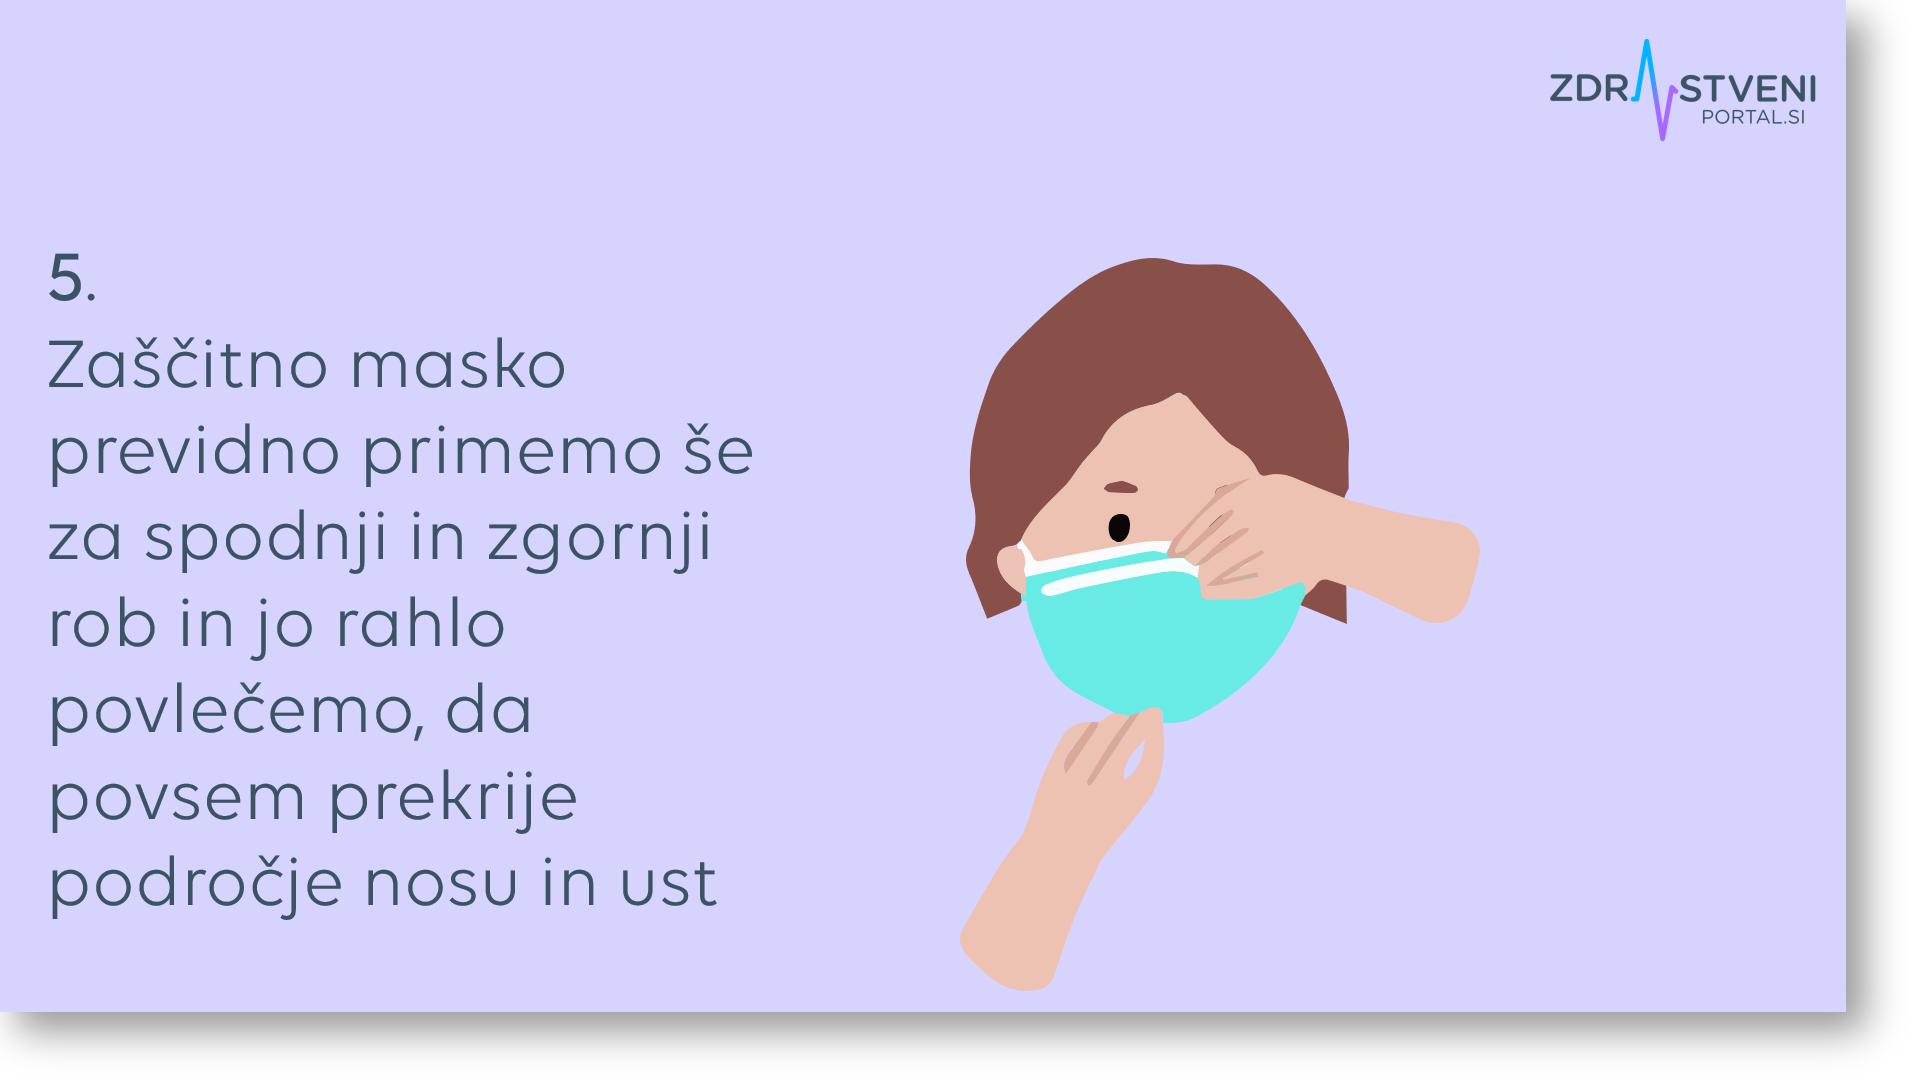 Pravilna uporaba zaščitne maske